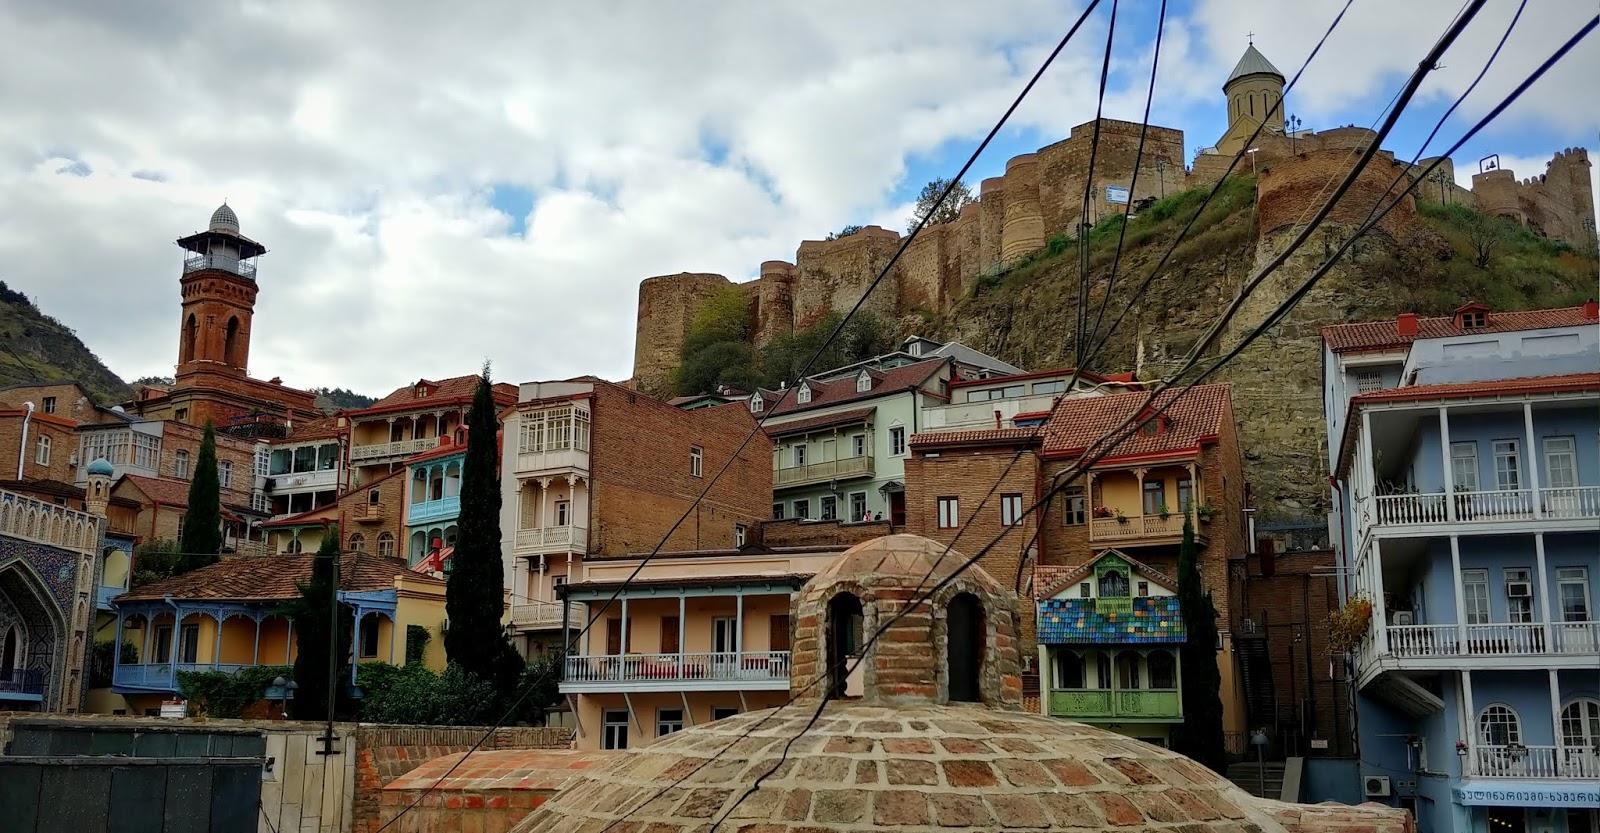 Publiczne łaźnie siarkowe – przygoda w Tbilisi